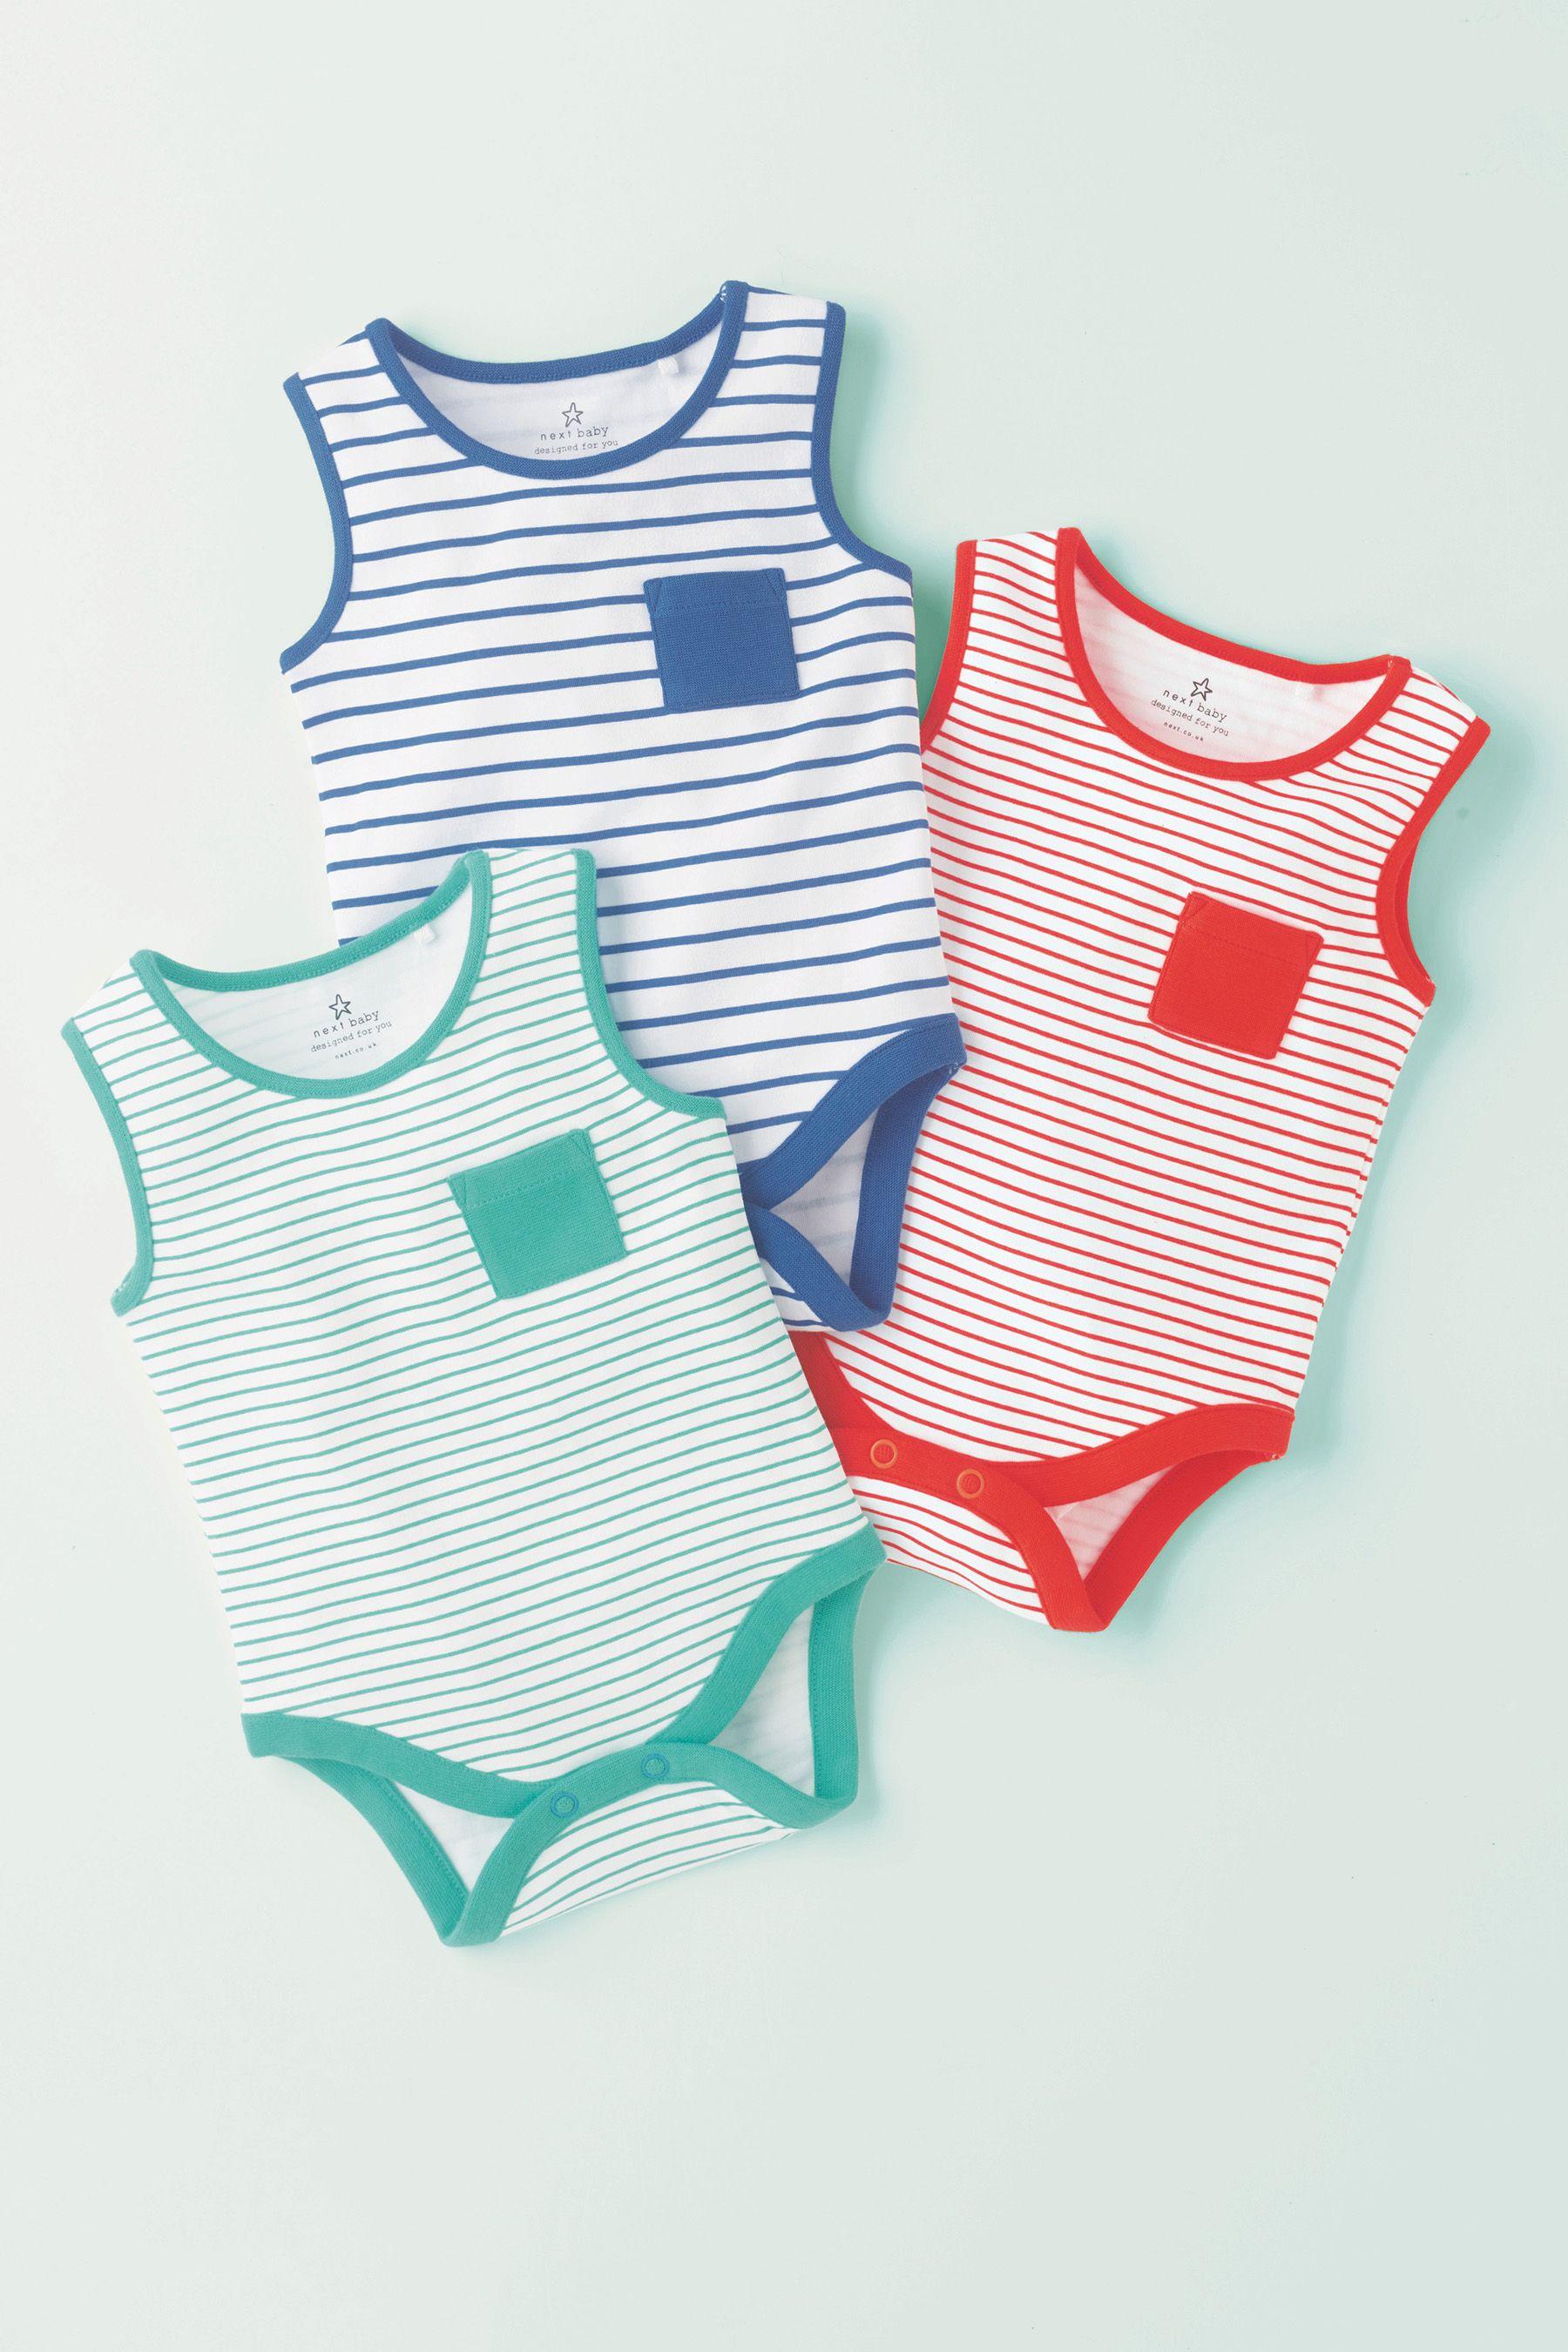 英国订购Next童装正品进口男婴宝宝新生儿彩色条纹包屁衣3件19夏